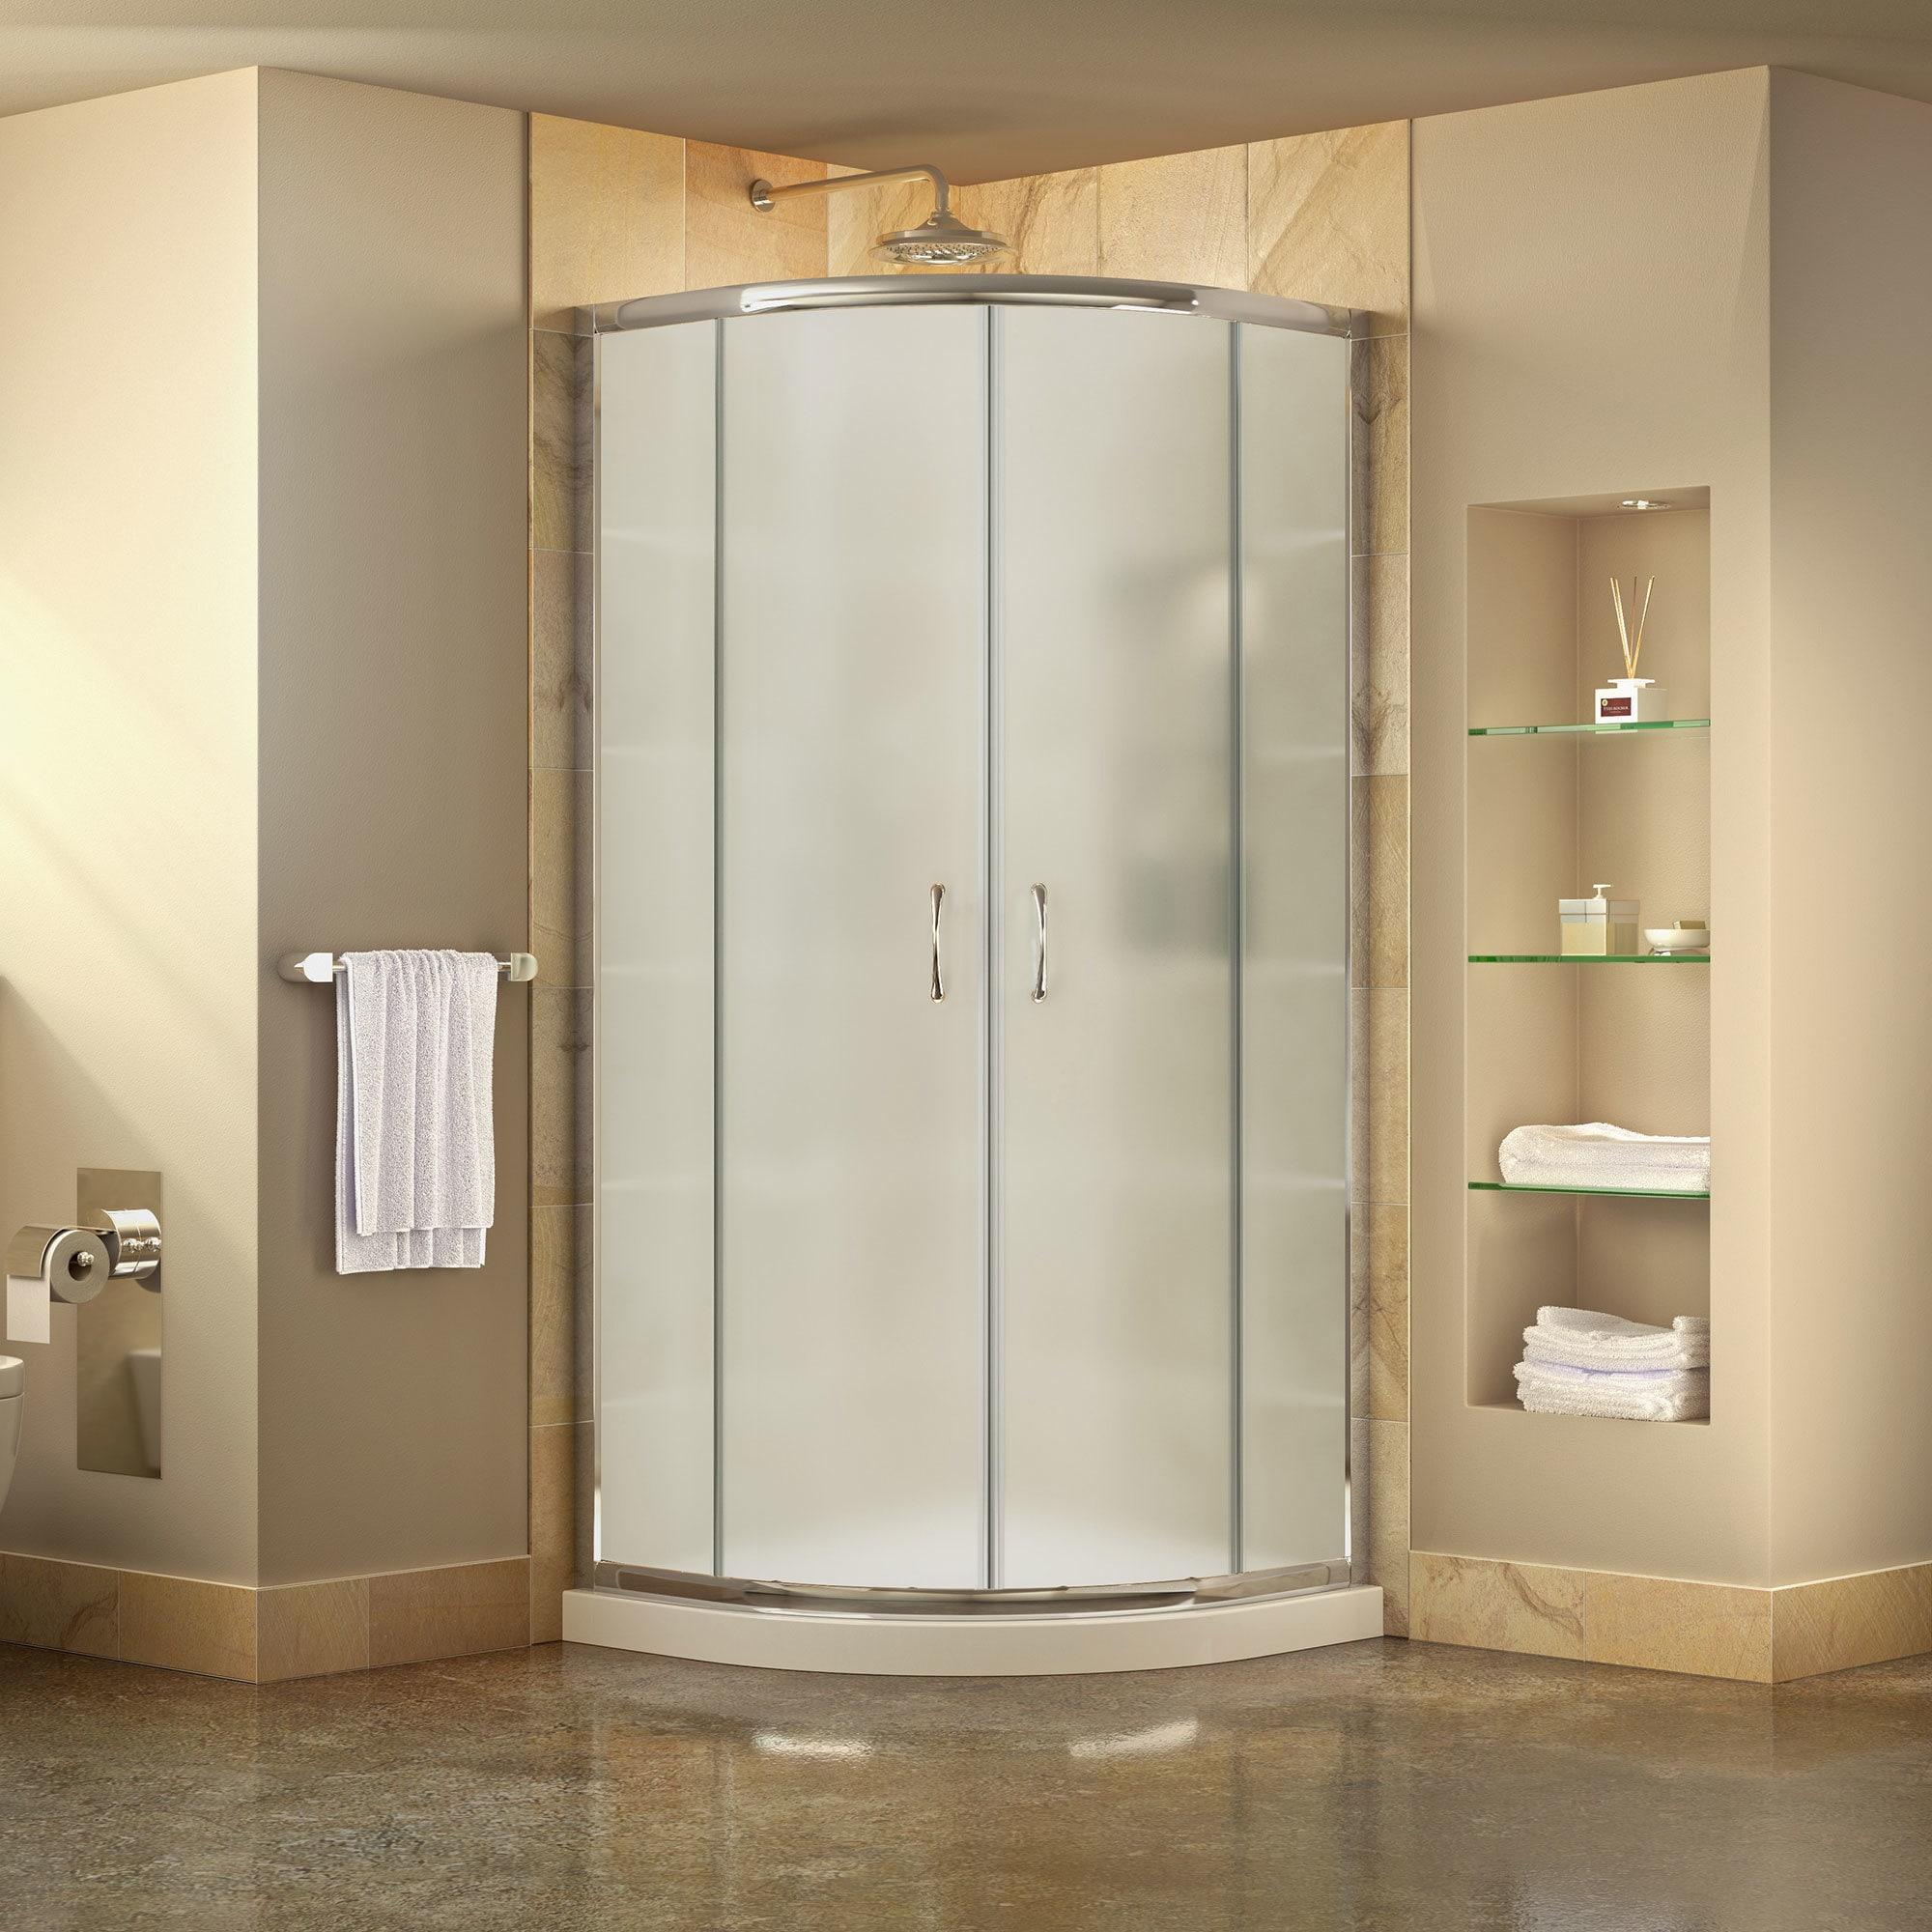 Shop DreamLine Prime Frameless Sliding Shower Enclosure and SlimLine ...